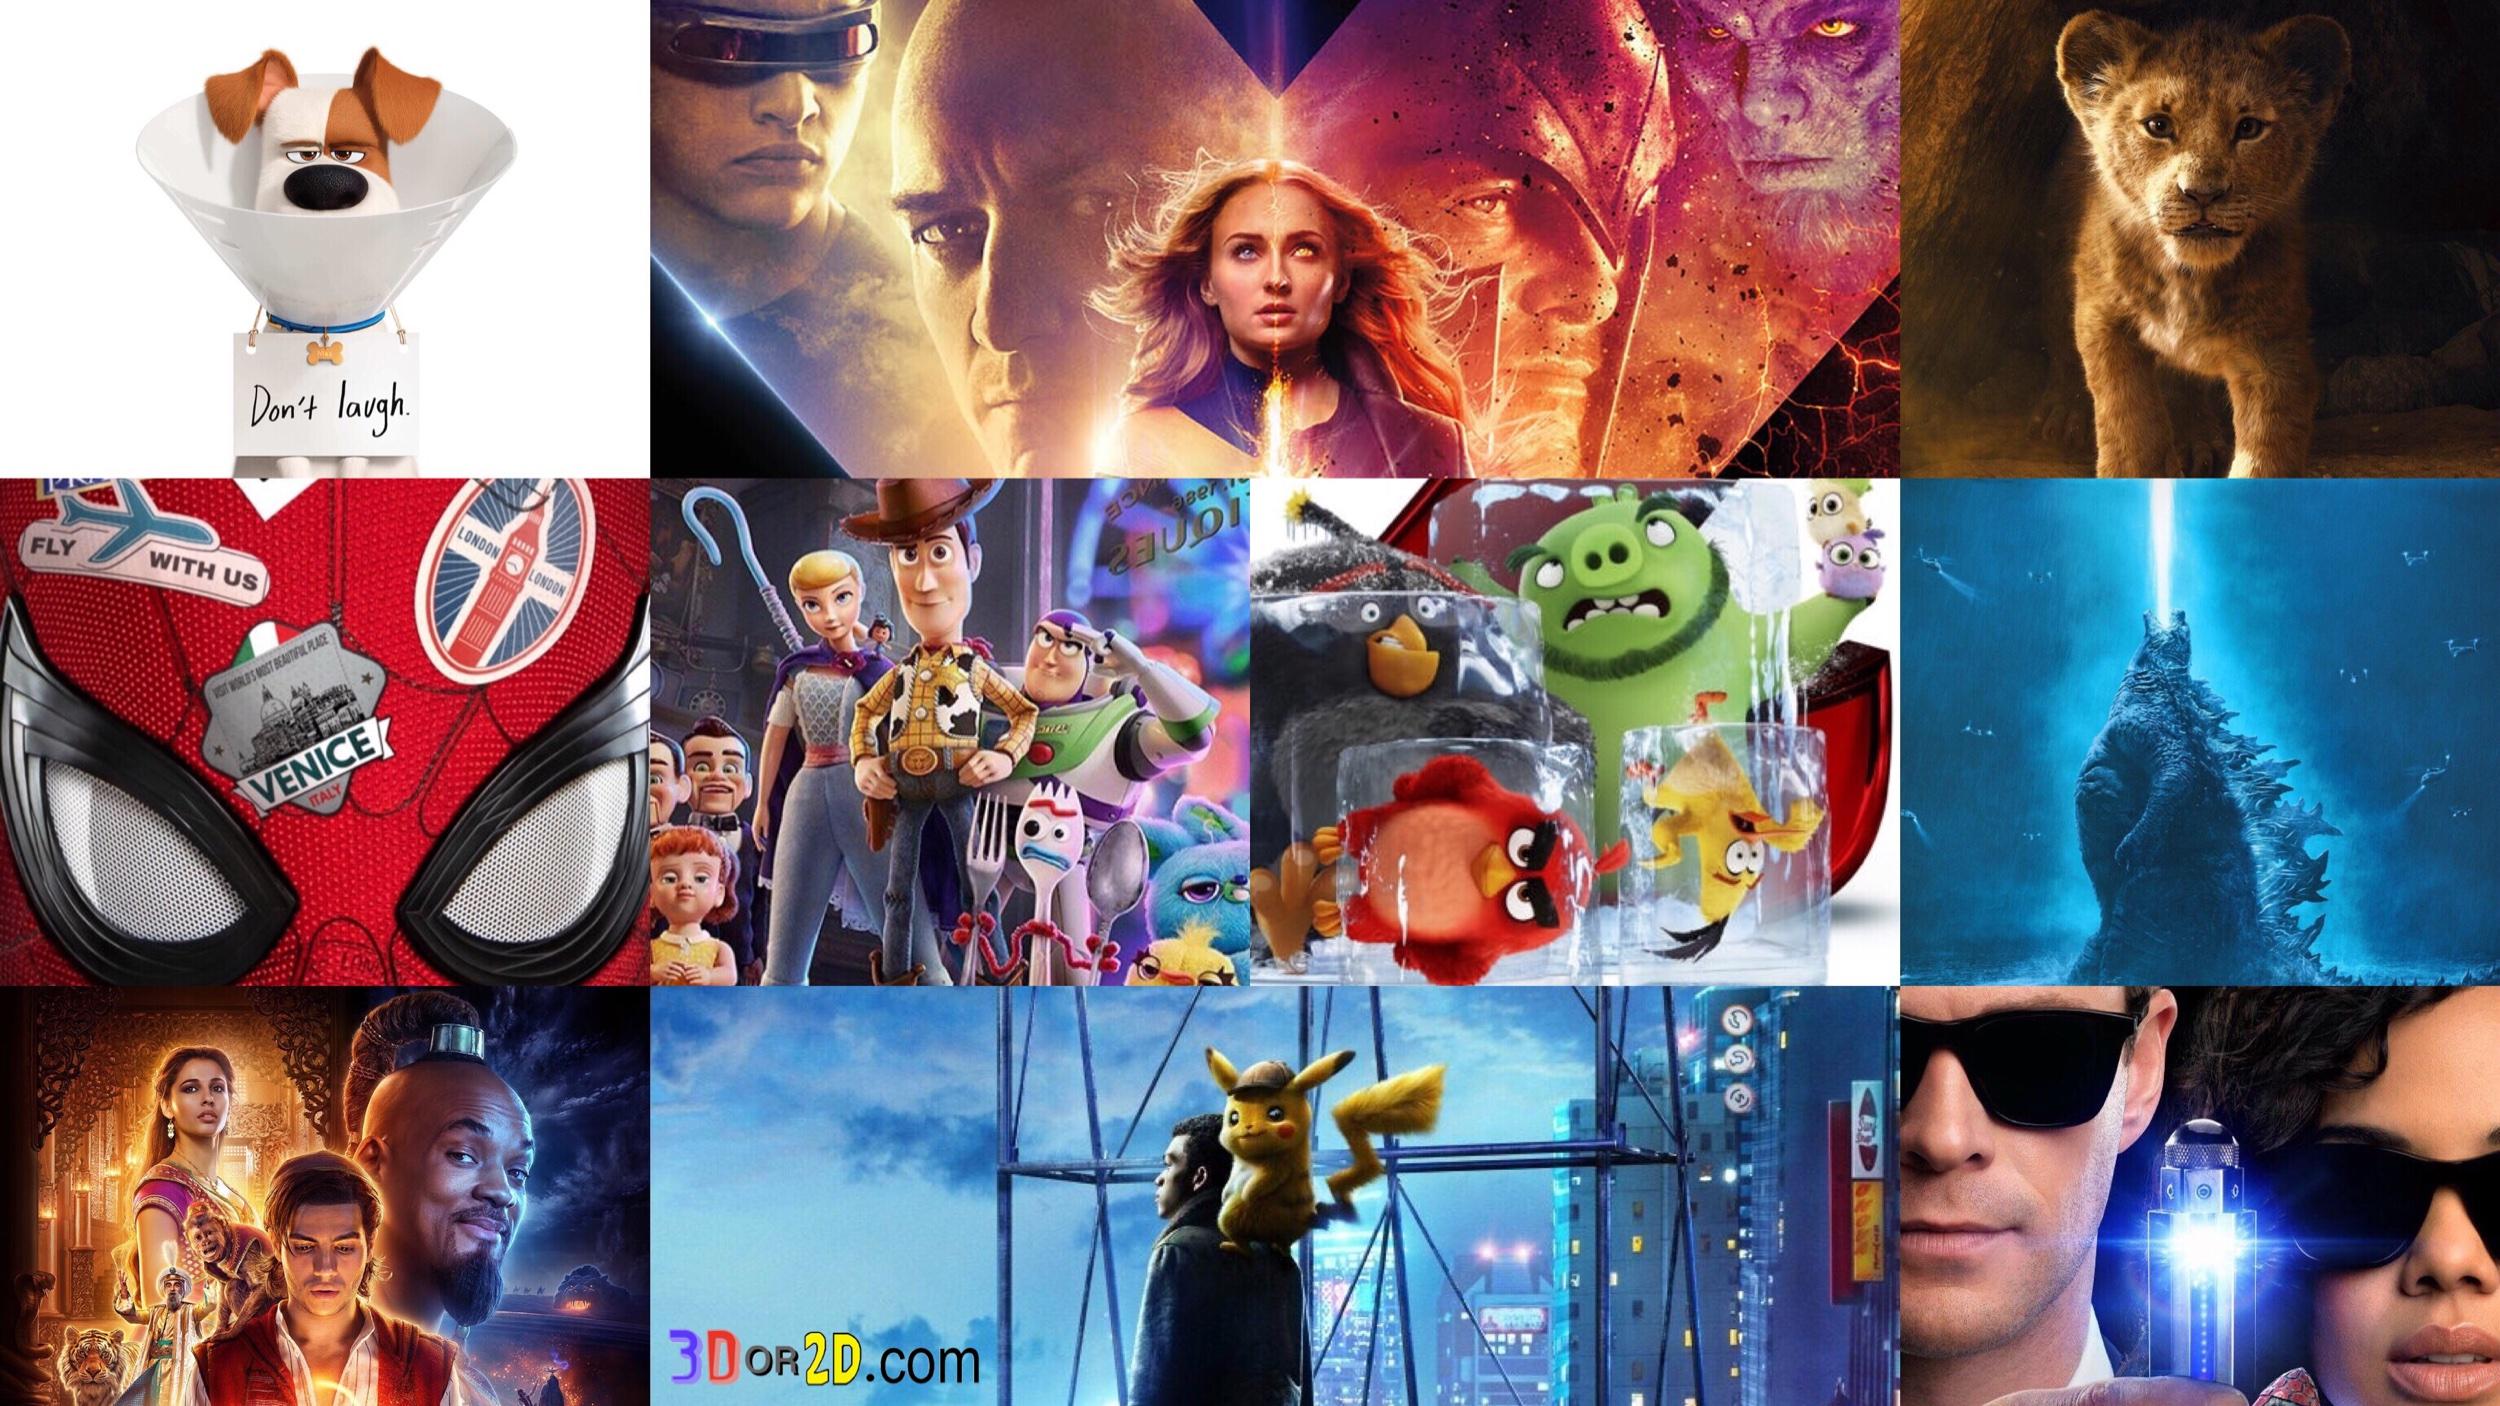 Summer-2019-3D-3-D-films-movies-cinema.jpeg